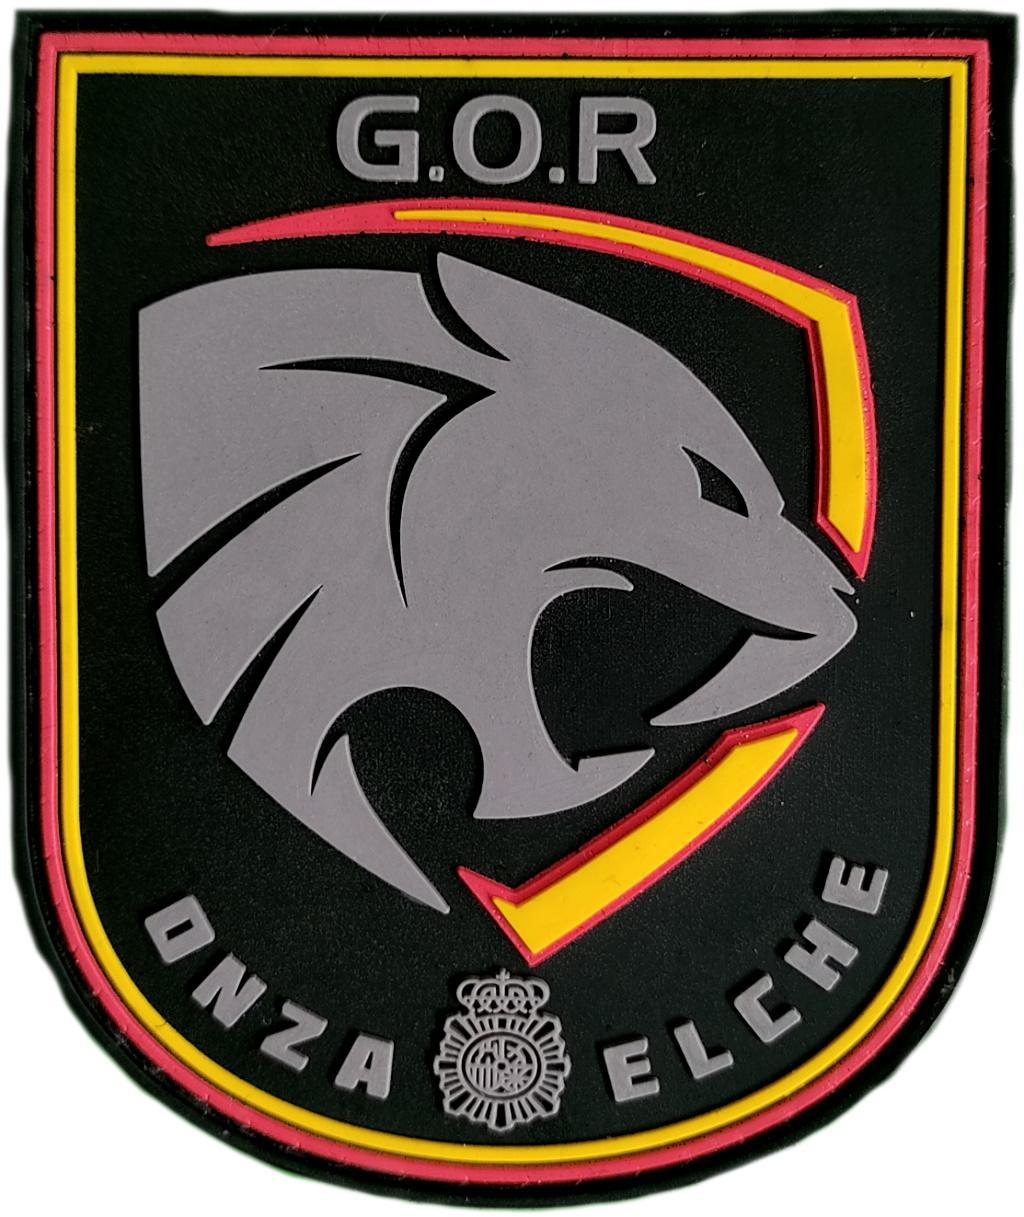 Policía Nacional CNP Grupo operativo de respuesta GOR Onza Elche parche insignia emblema distintivo